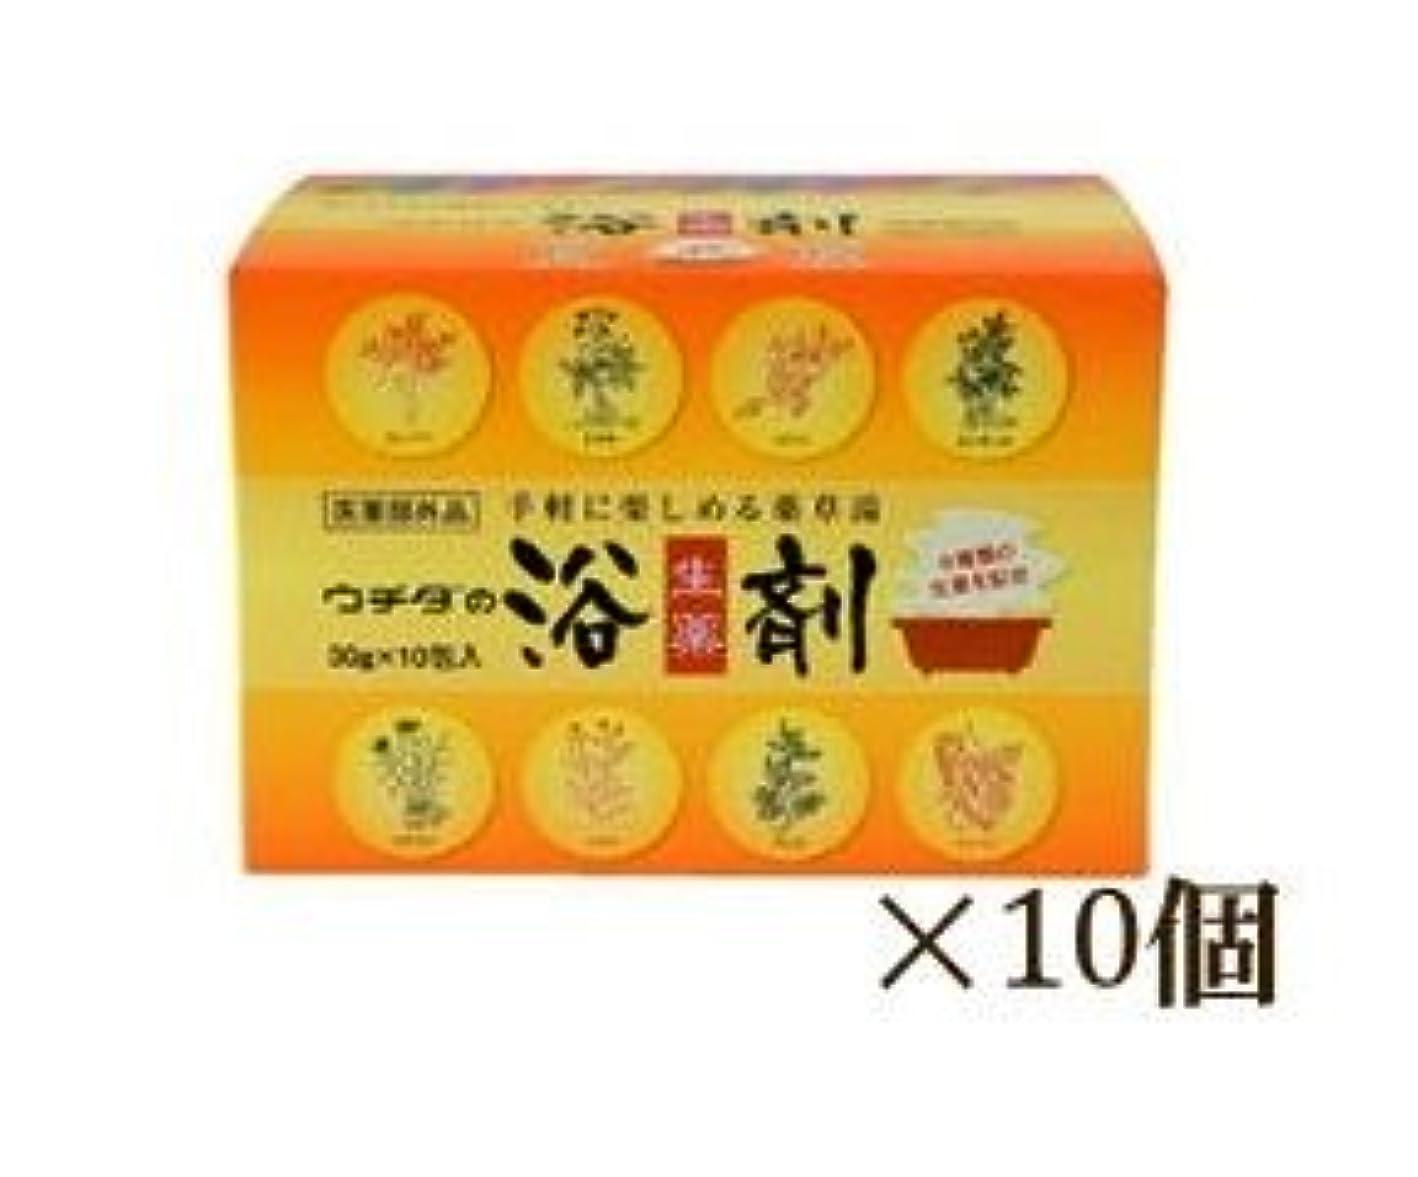 フロー葬儀足ウチダの生薬浴剤 10箱セット (1箱30g×10包) 医薬部外品